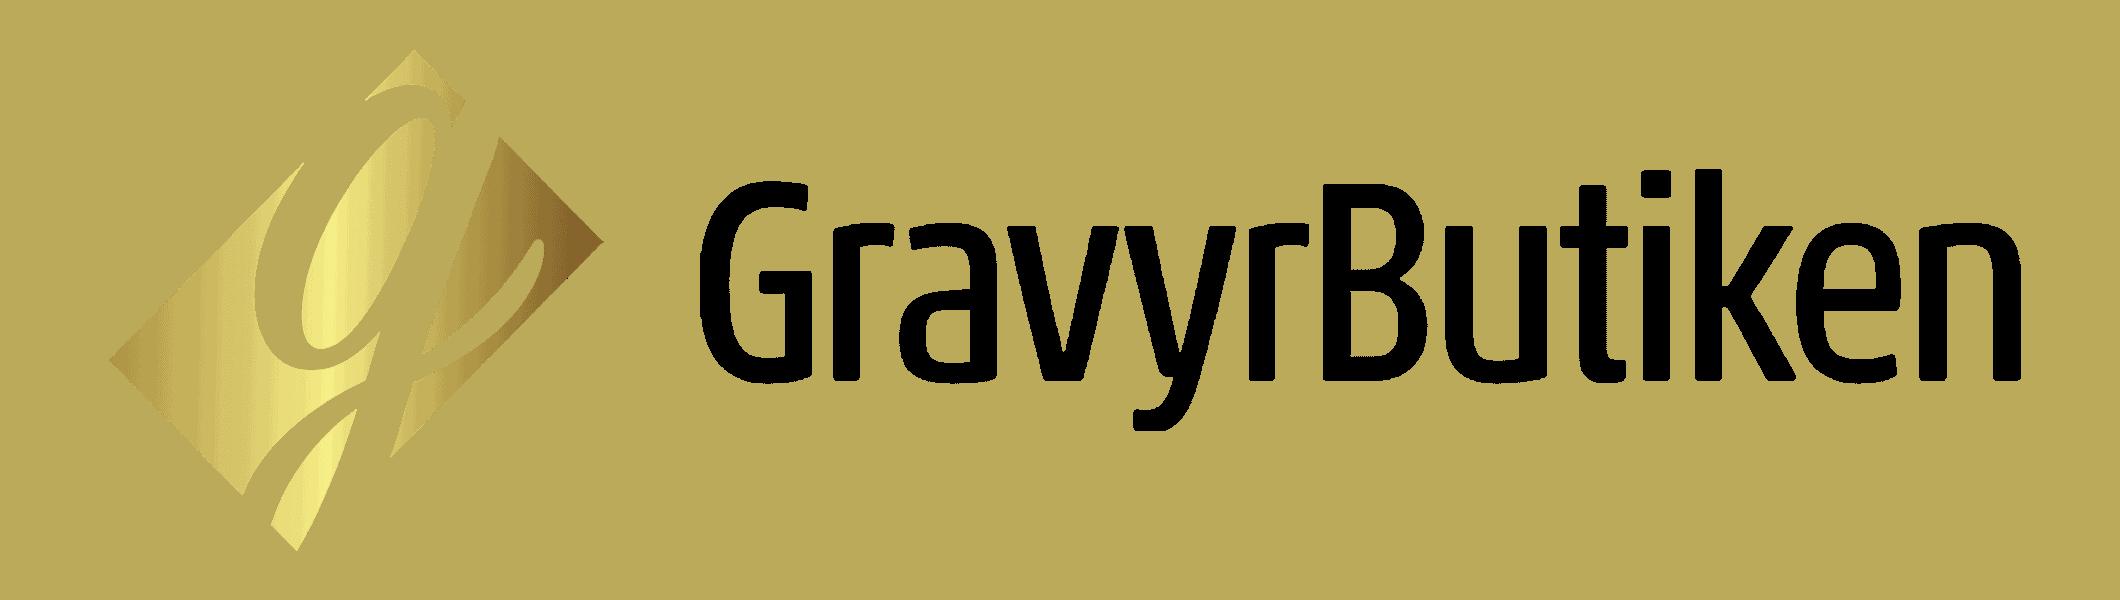 GravyrButiken